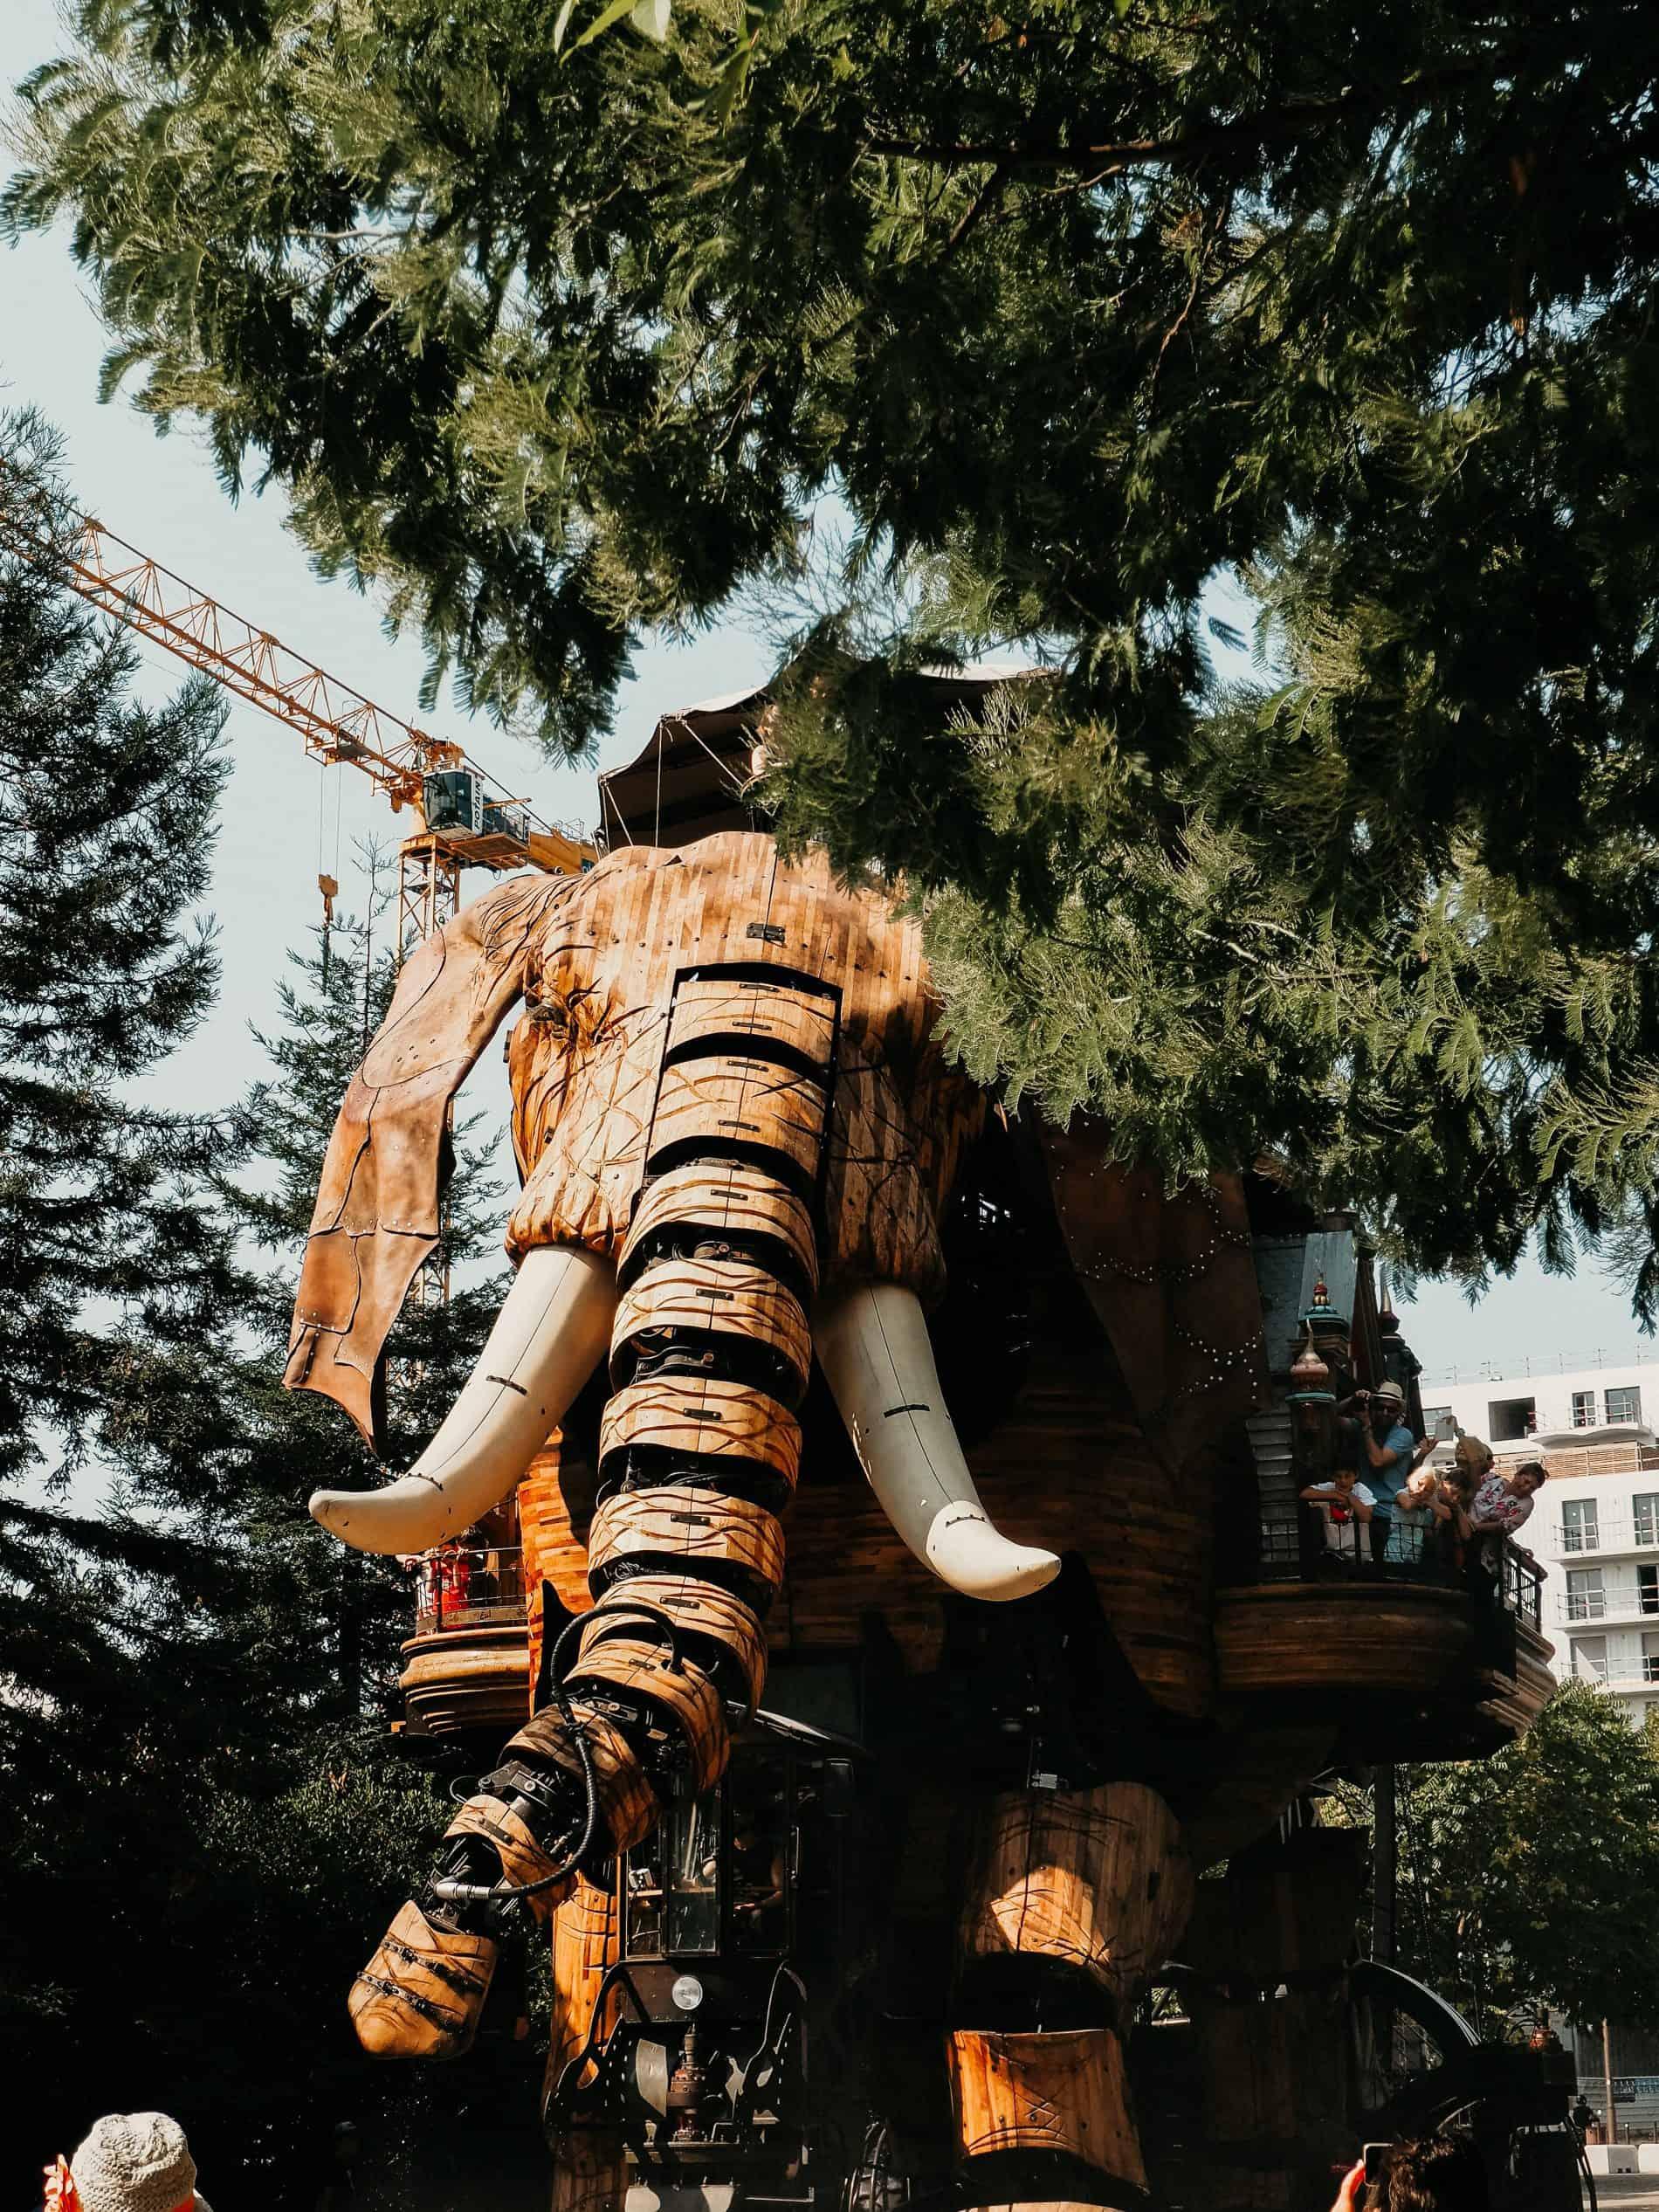 week-end à Nantes cityguide voyage France elephant les machines des l'île